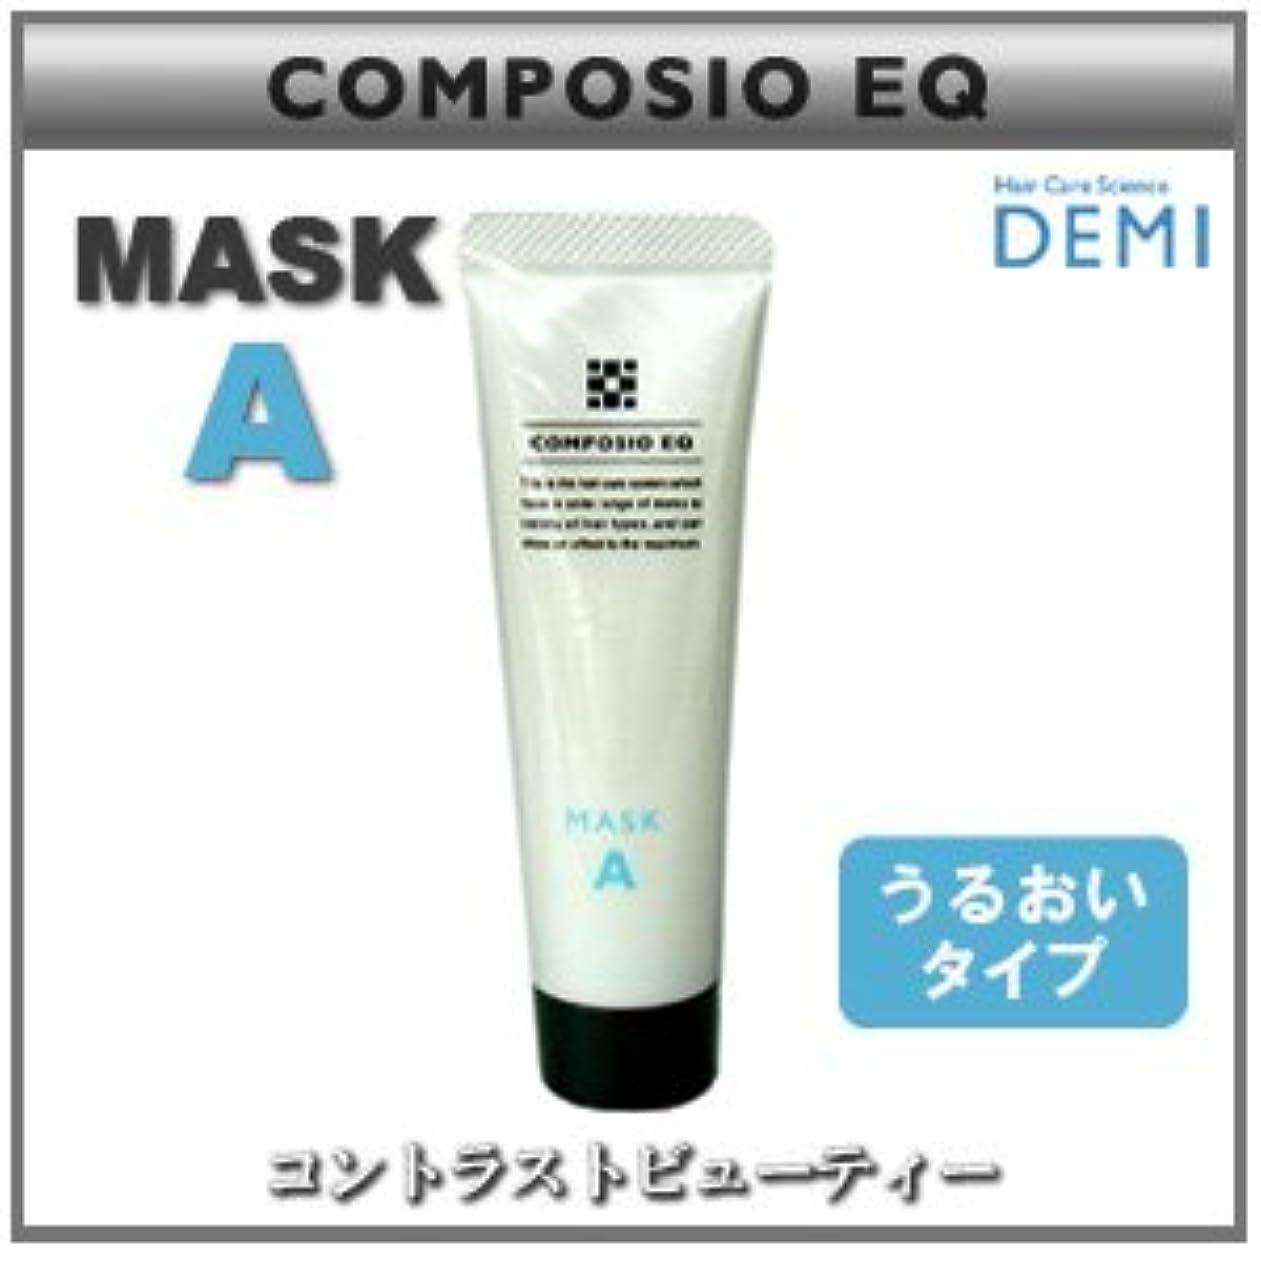 クロニクル評決ベッドを作る【X2個セット】 デミ コンポジオ EQ マスク A 50g